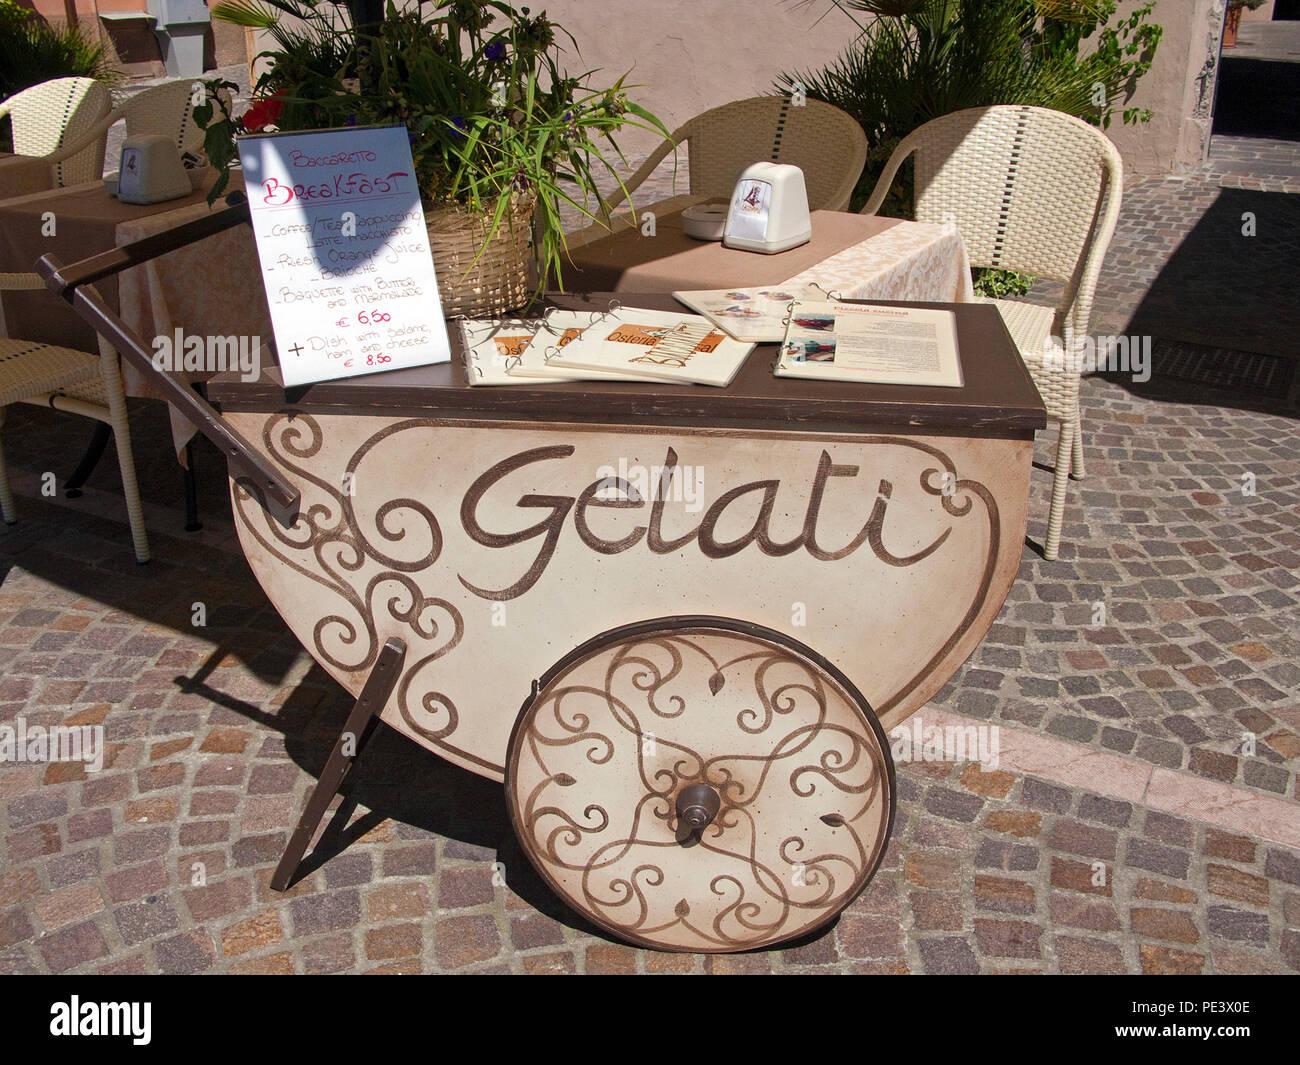 Retro Eiswagen in einer Osteria, Gargnano, Provinz Brescia, Gardasee, Lombardei, Italien Stockbild